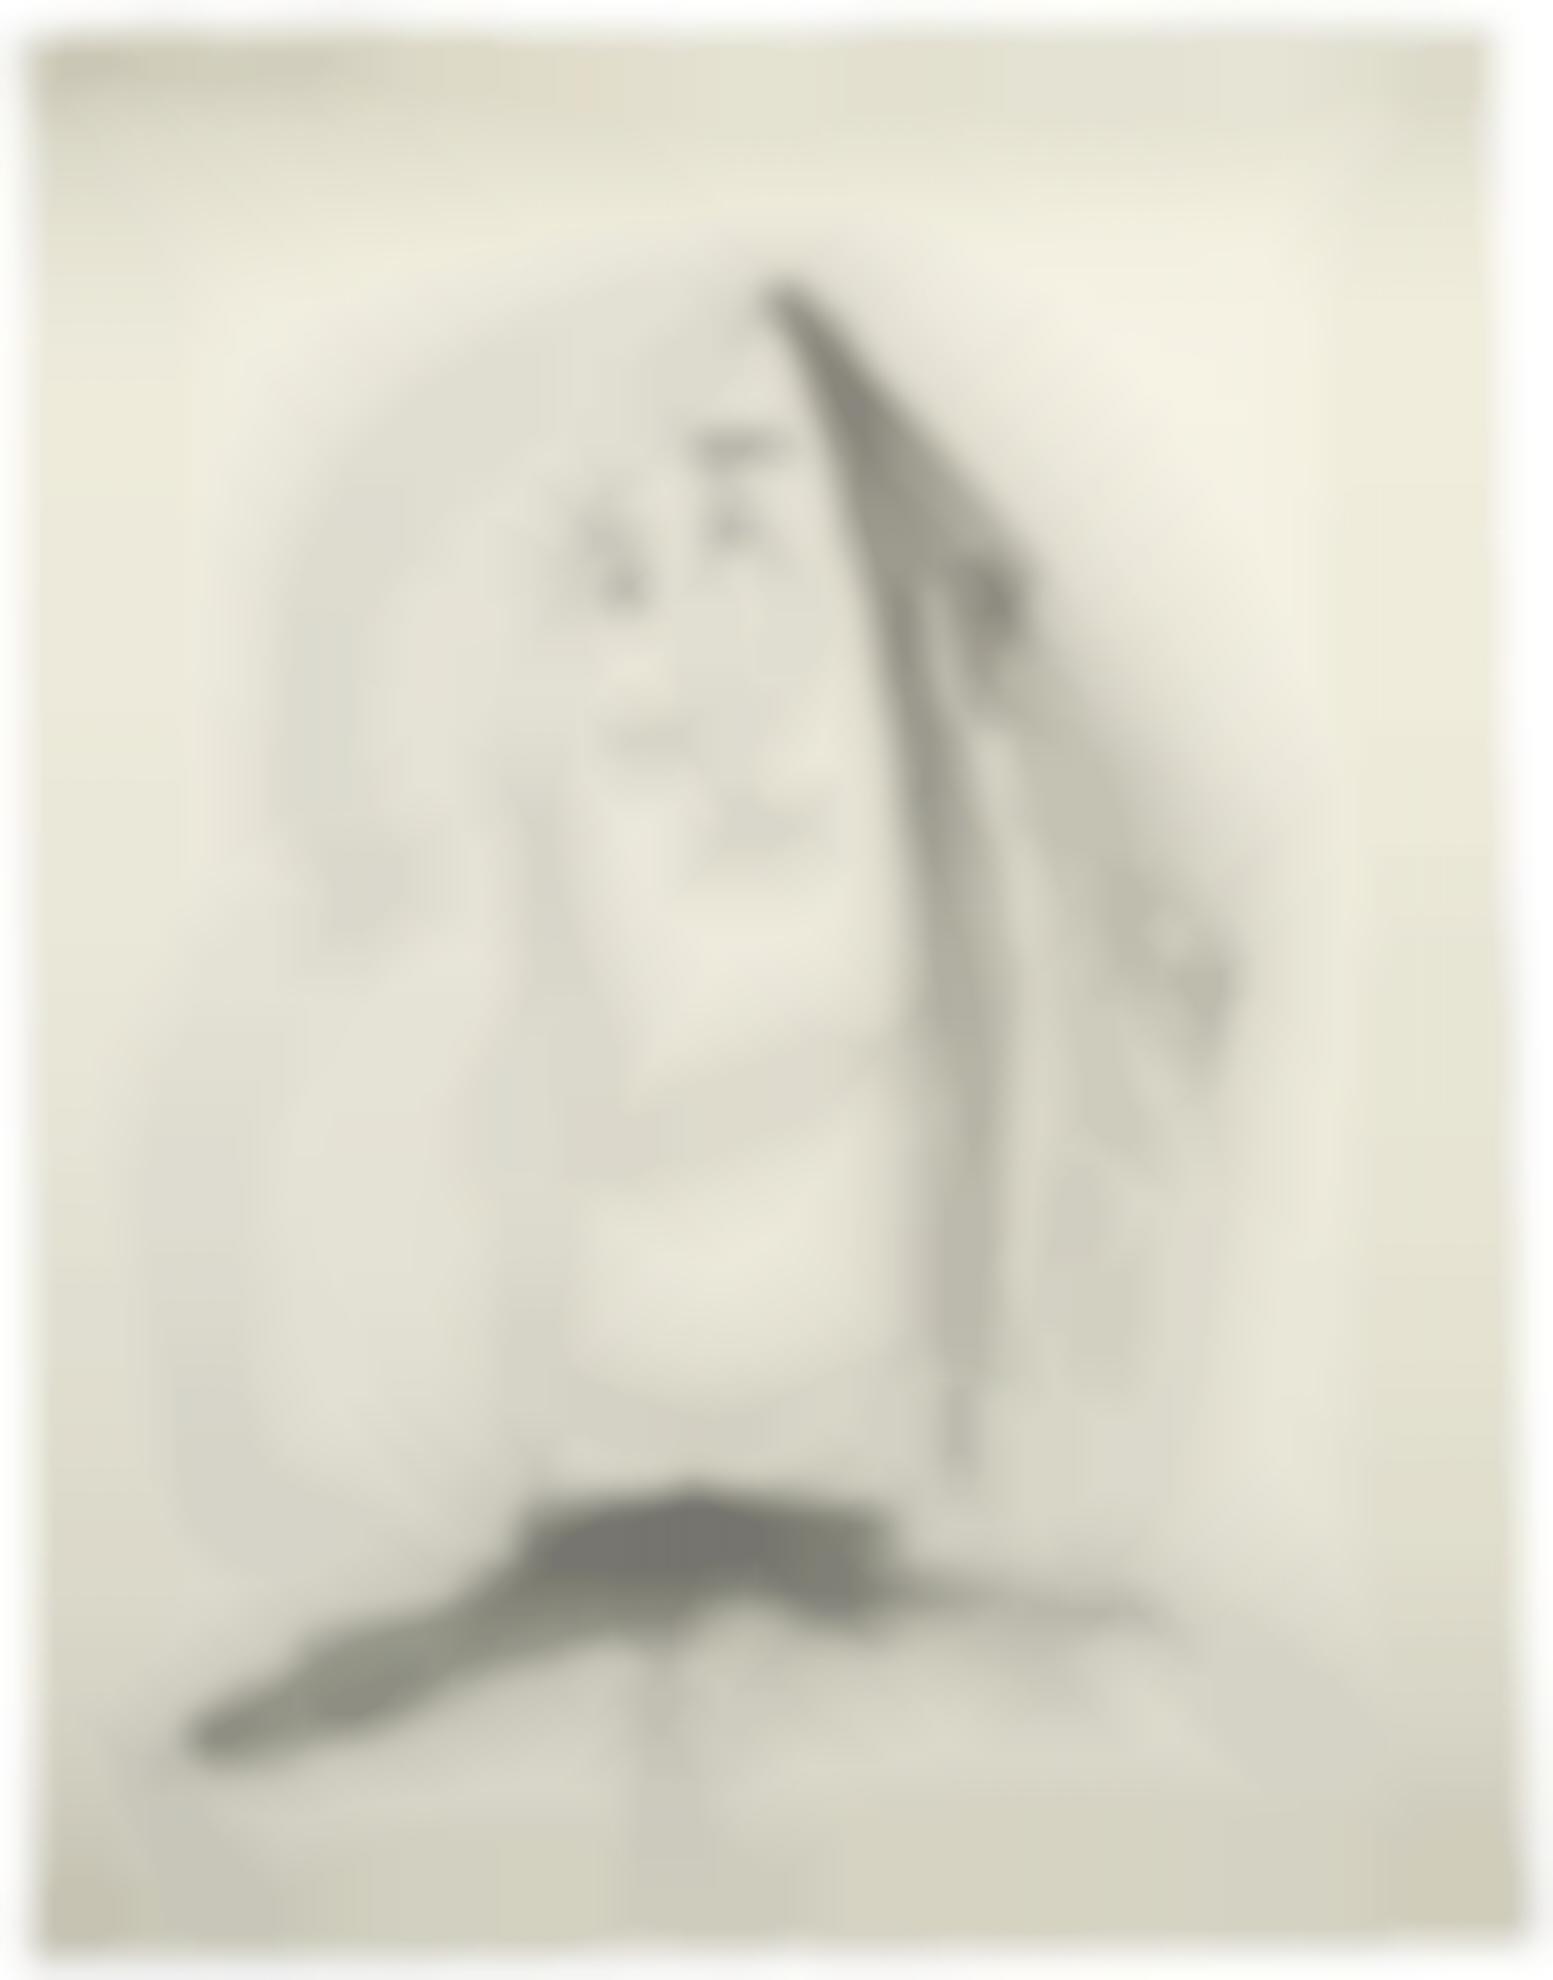 Pablo Picasso-Tete-1943